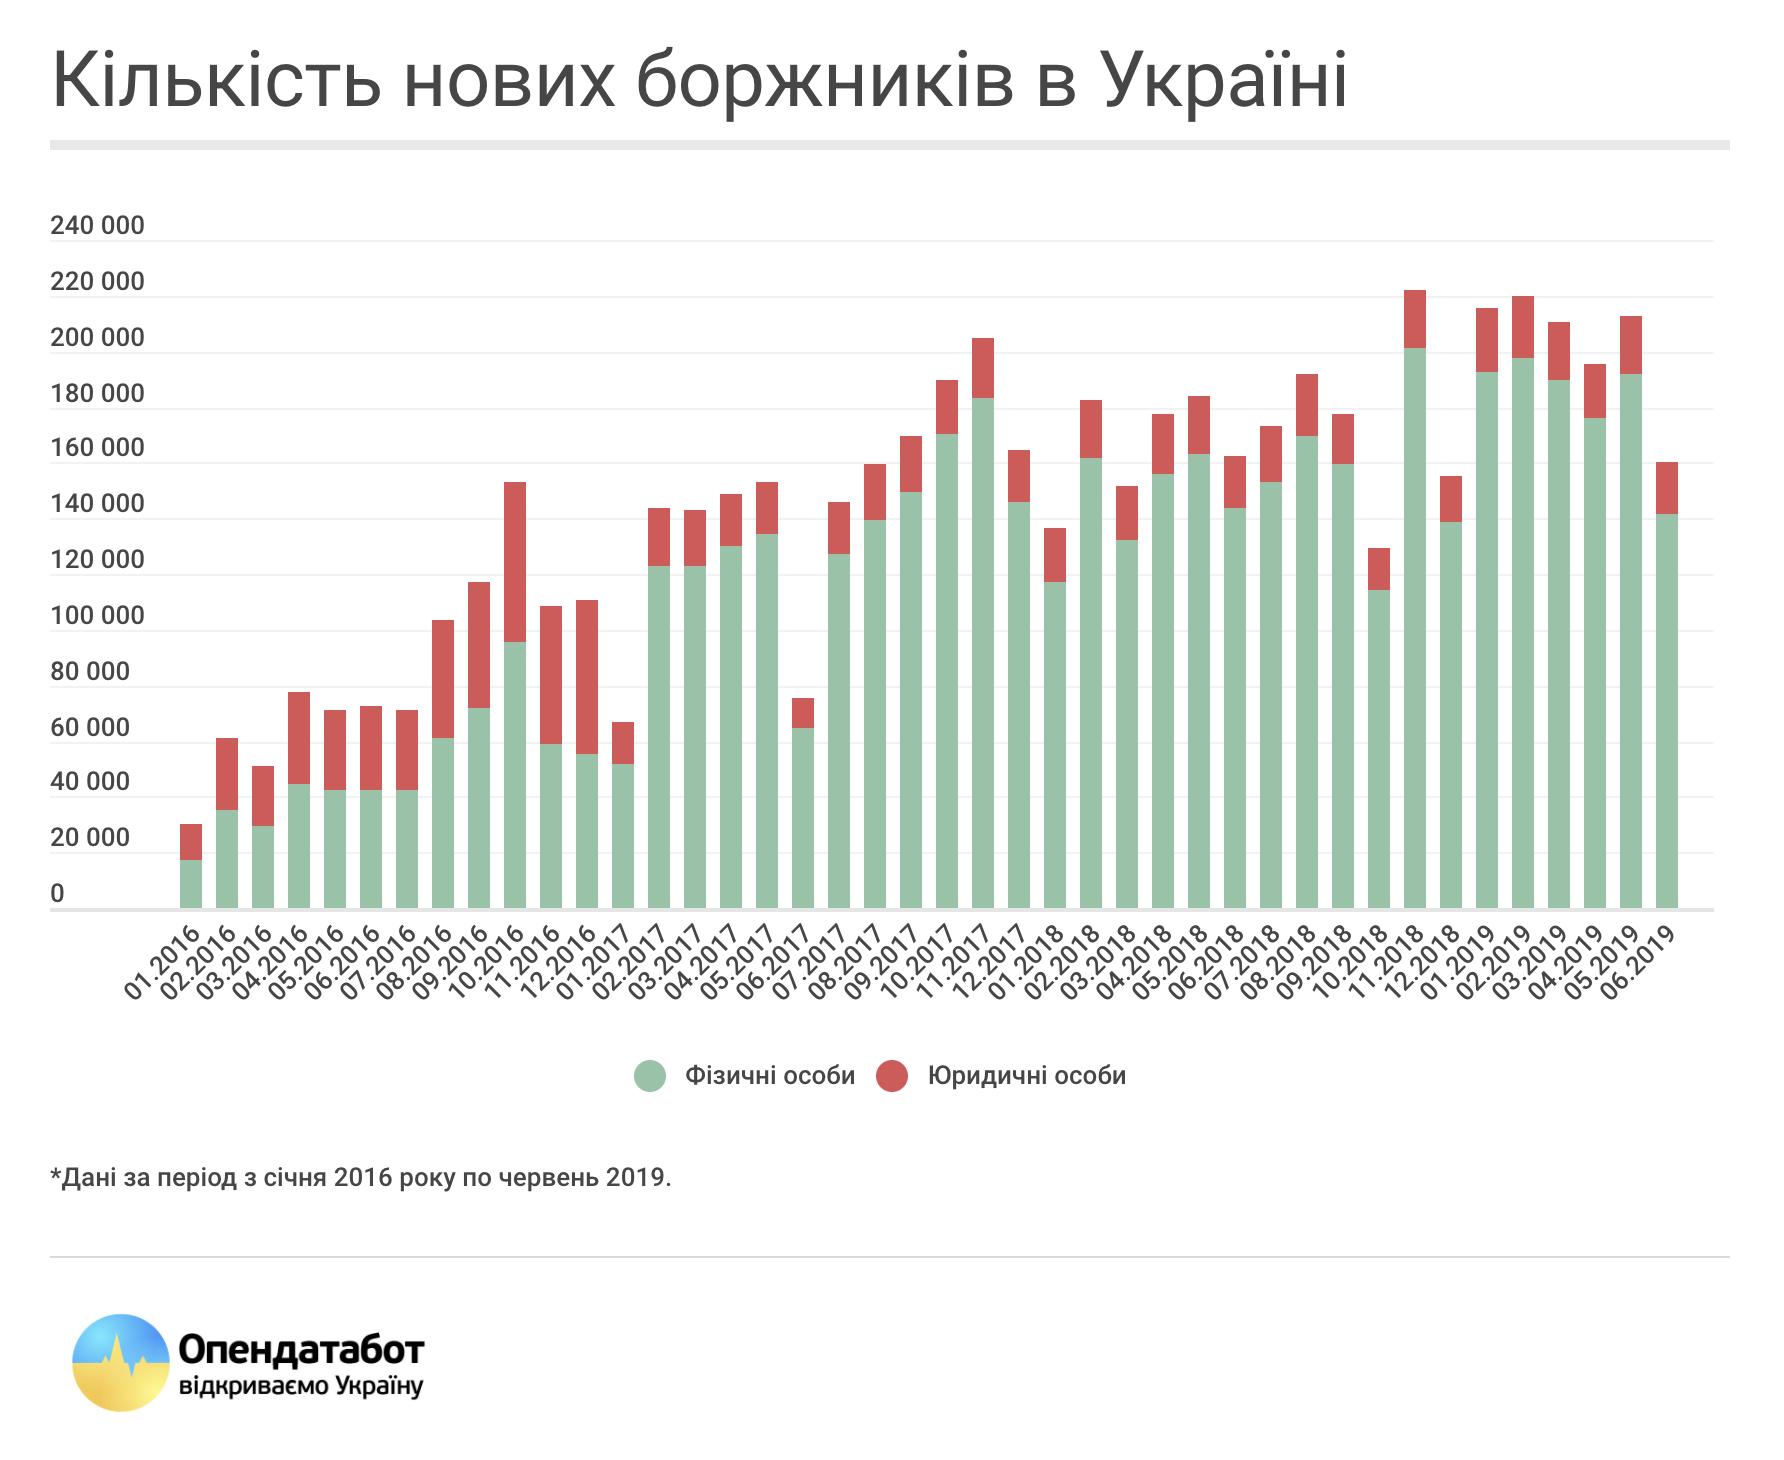 Количество новых должников в Украине